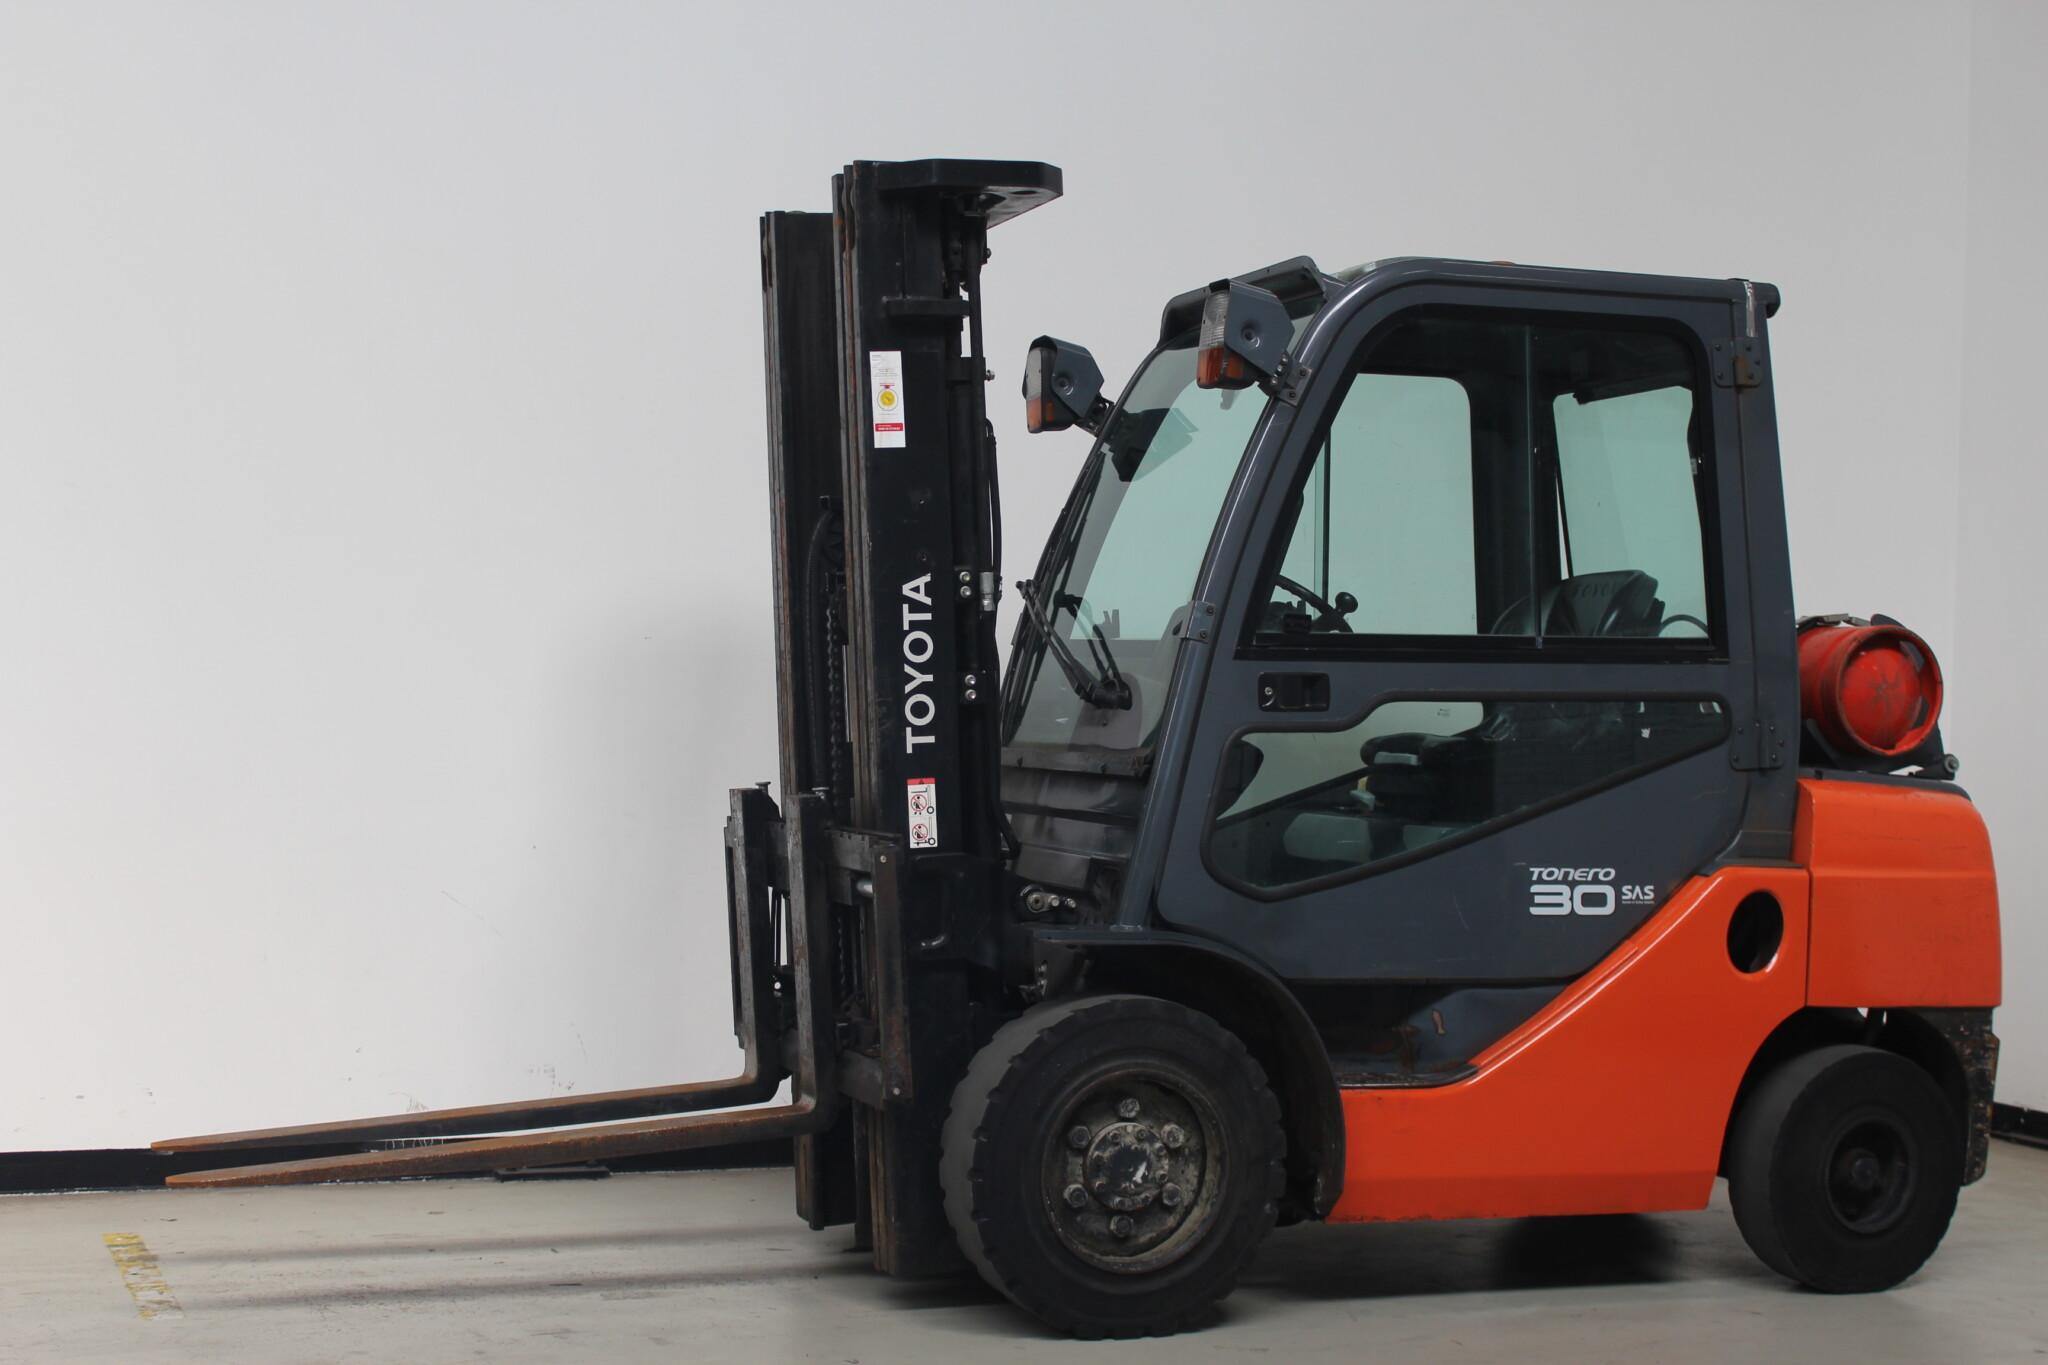 Toyota-Gabelstapler-59840 1403009825 1 scaled